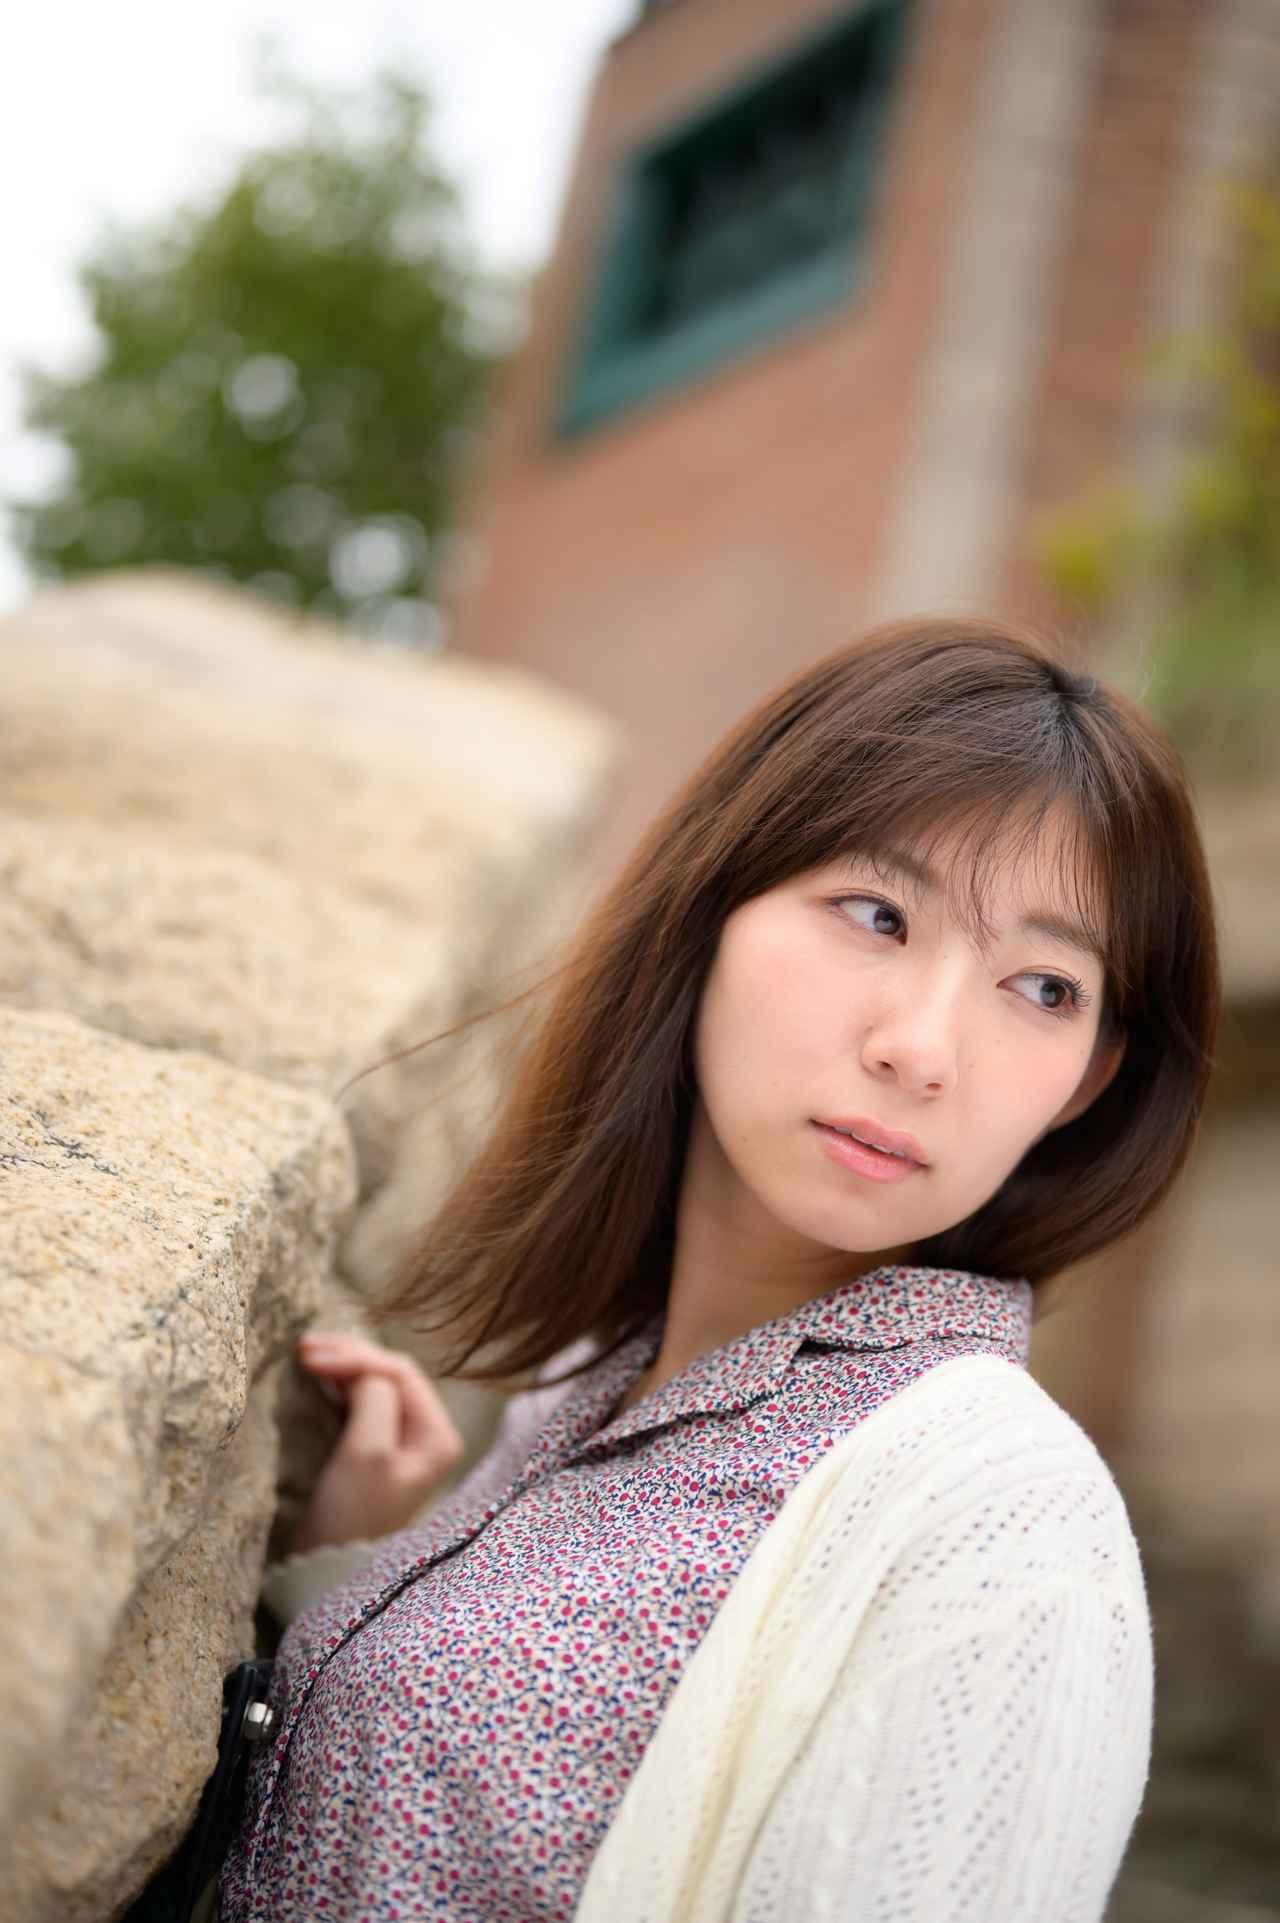 画像: Nikon Z 6 +NIKKOR Z 50mm f/1.8S 1/200 f/2.0 ISO100 WB6000